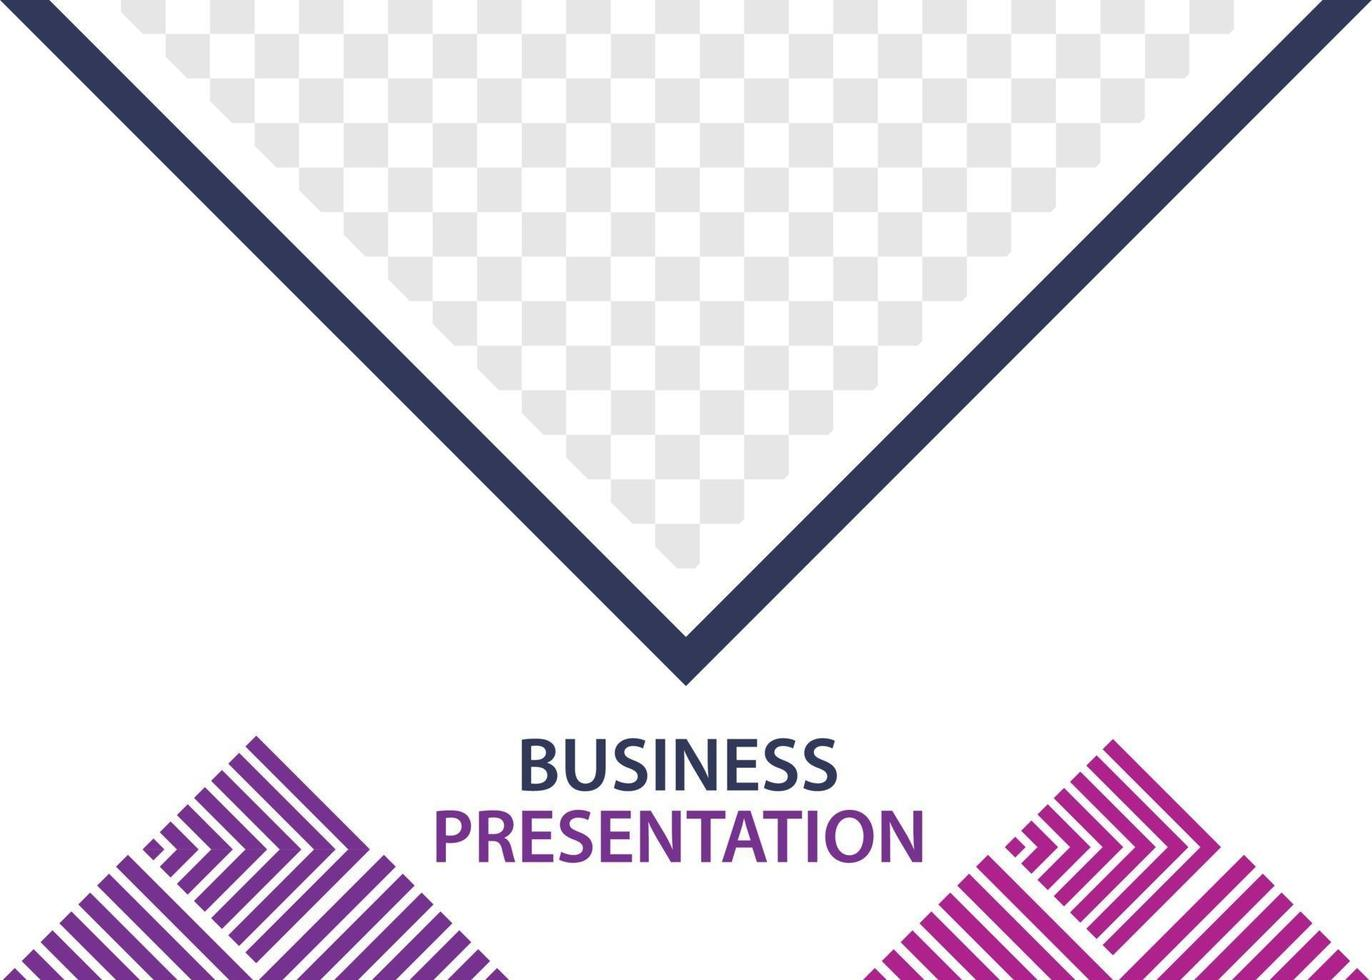 modelo de design de apresentação de negócios. perfeito para brochuras, promoção de marketing, infográficos, etc. vetor